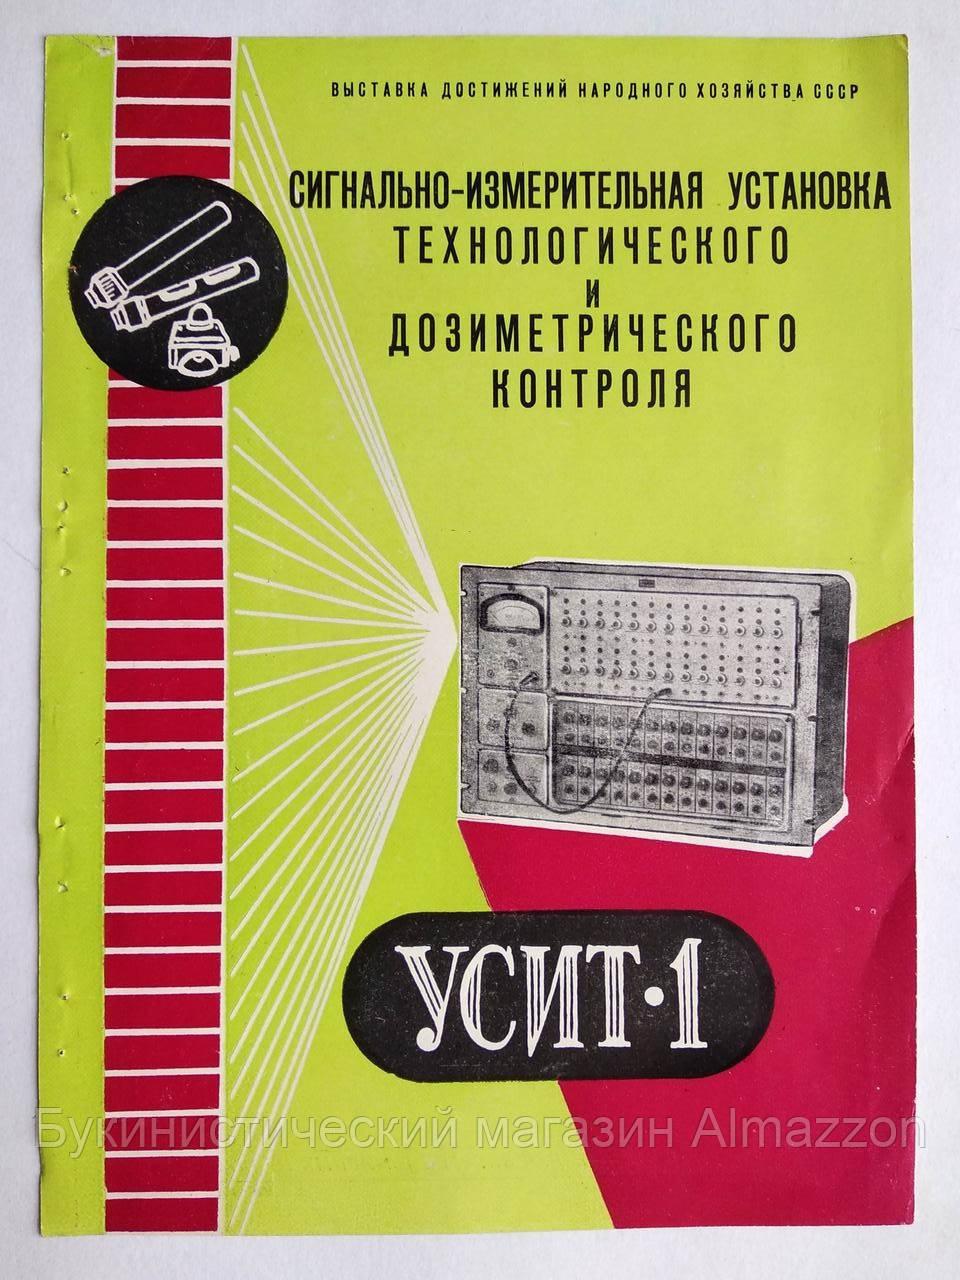 Реклама ВДНХ Сигнально-измерительная установка для технологического и дозиметрического контроля УСИТ-1